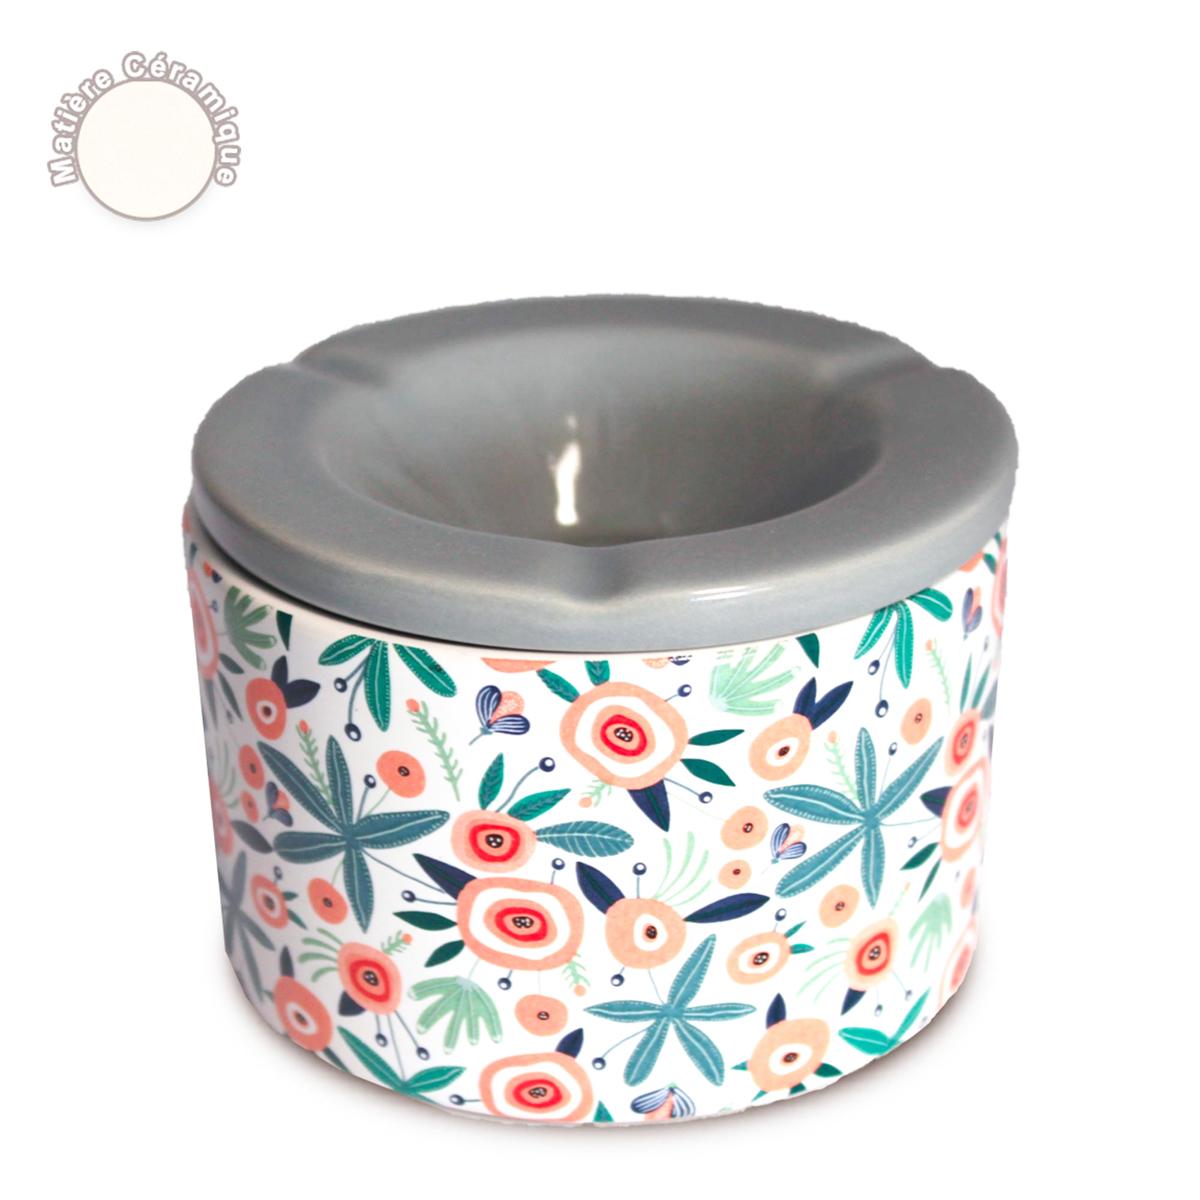 Cendrier marocain céramique \'Floral\' multicolore - 10x7 cm - [A0561]